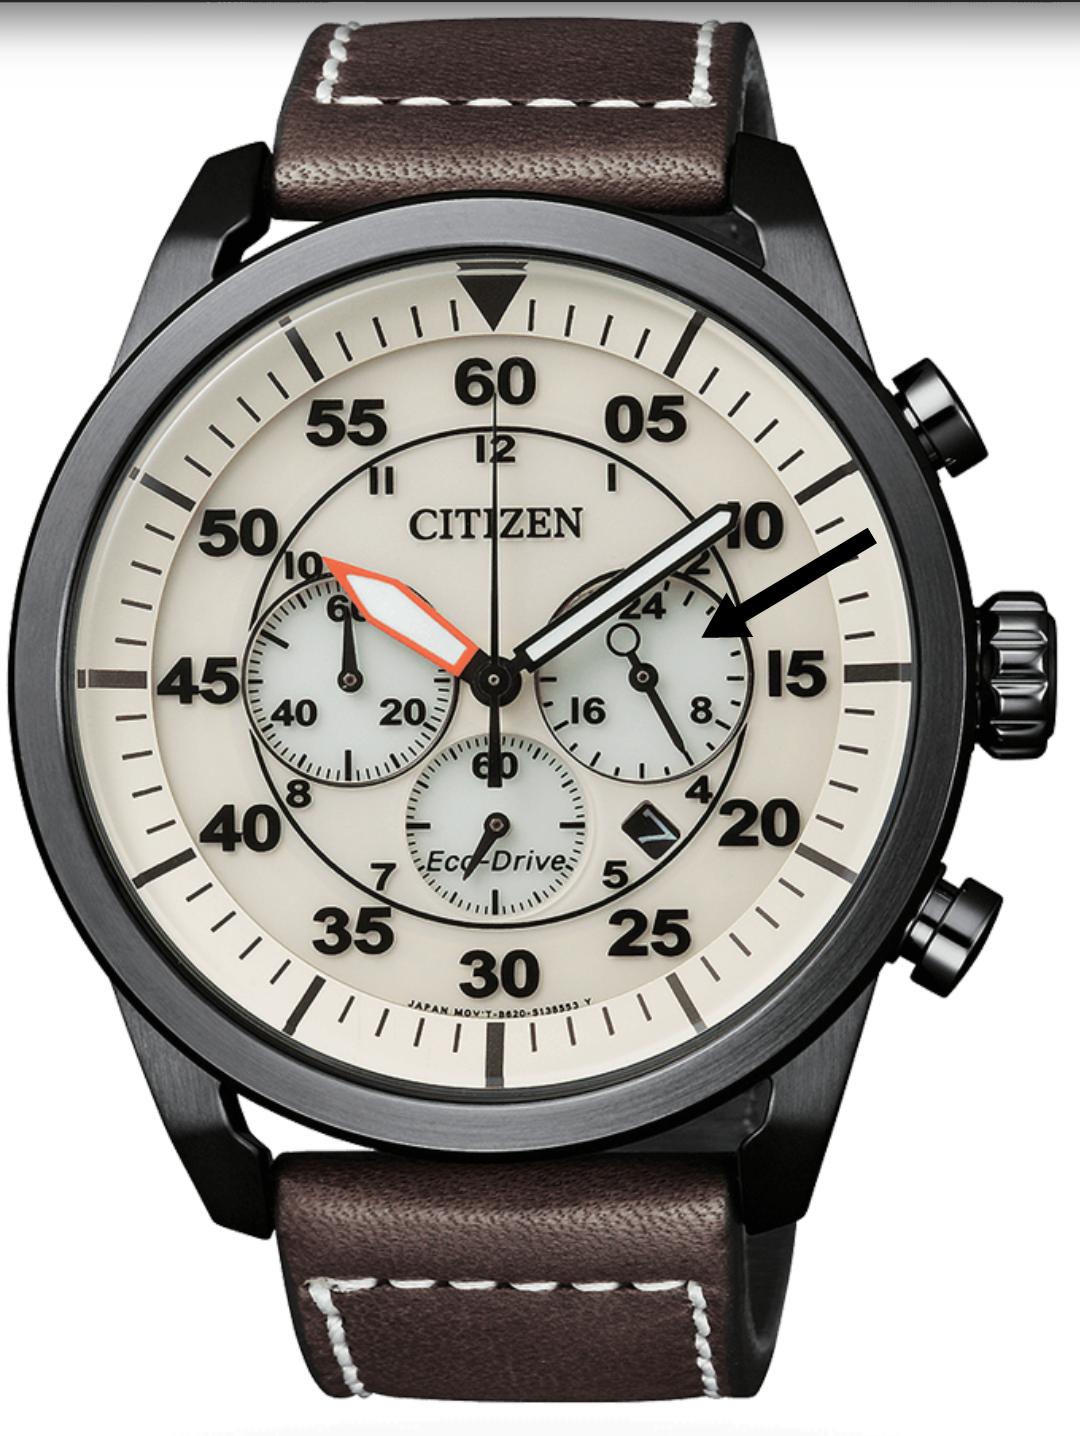 Citizen eco drive aviator marcación 24 horas